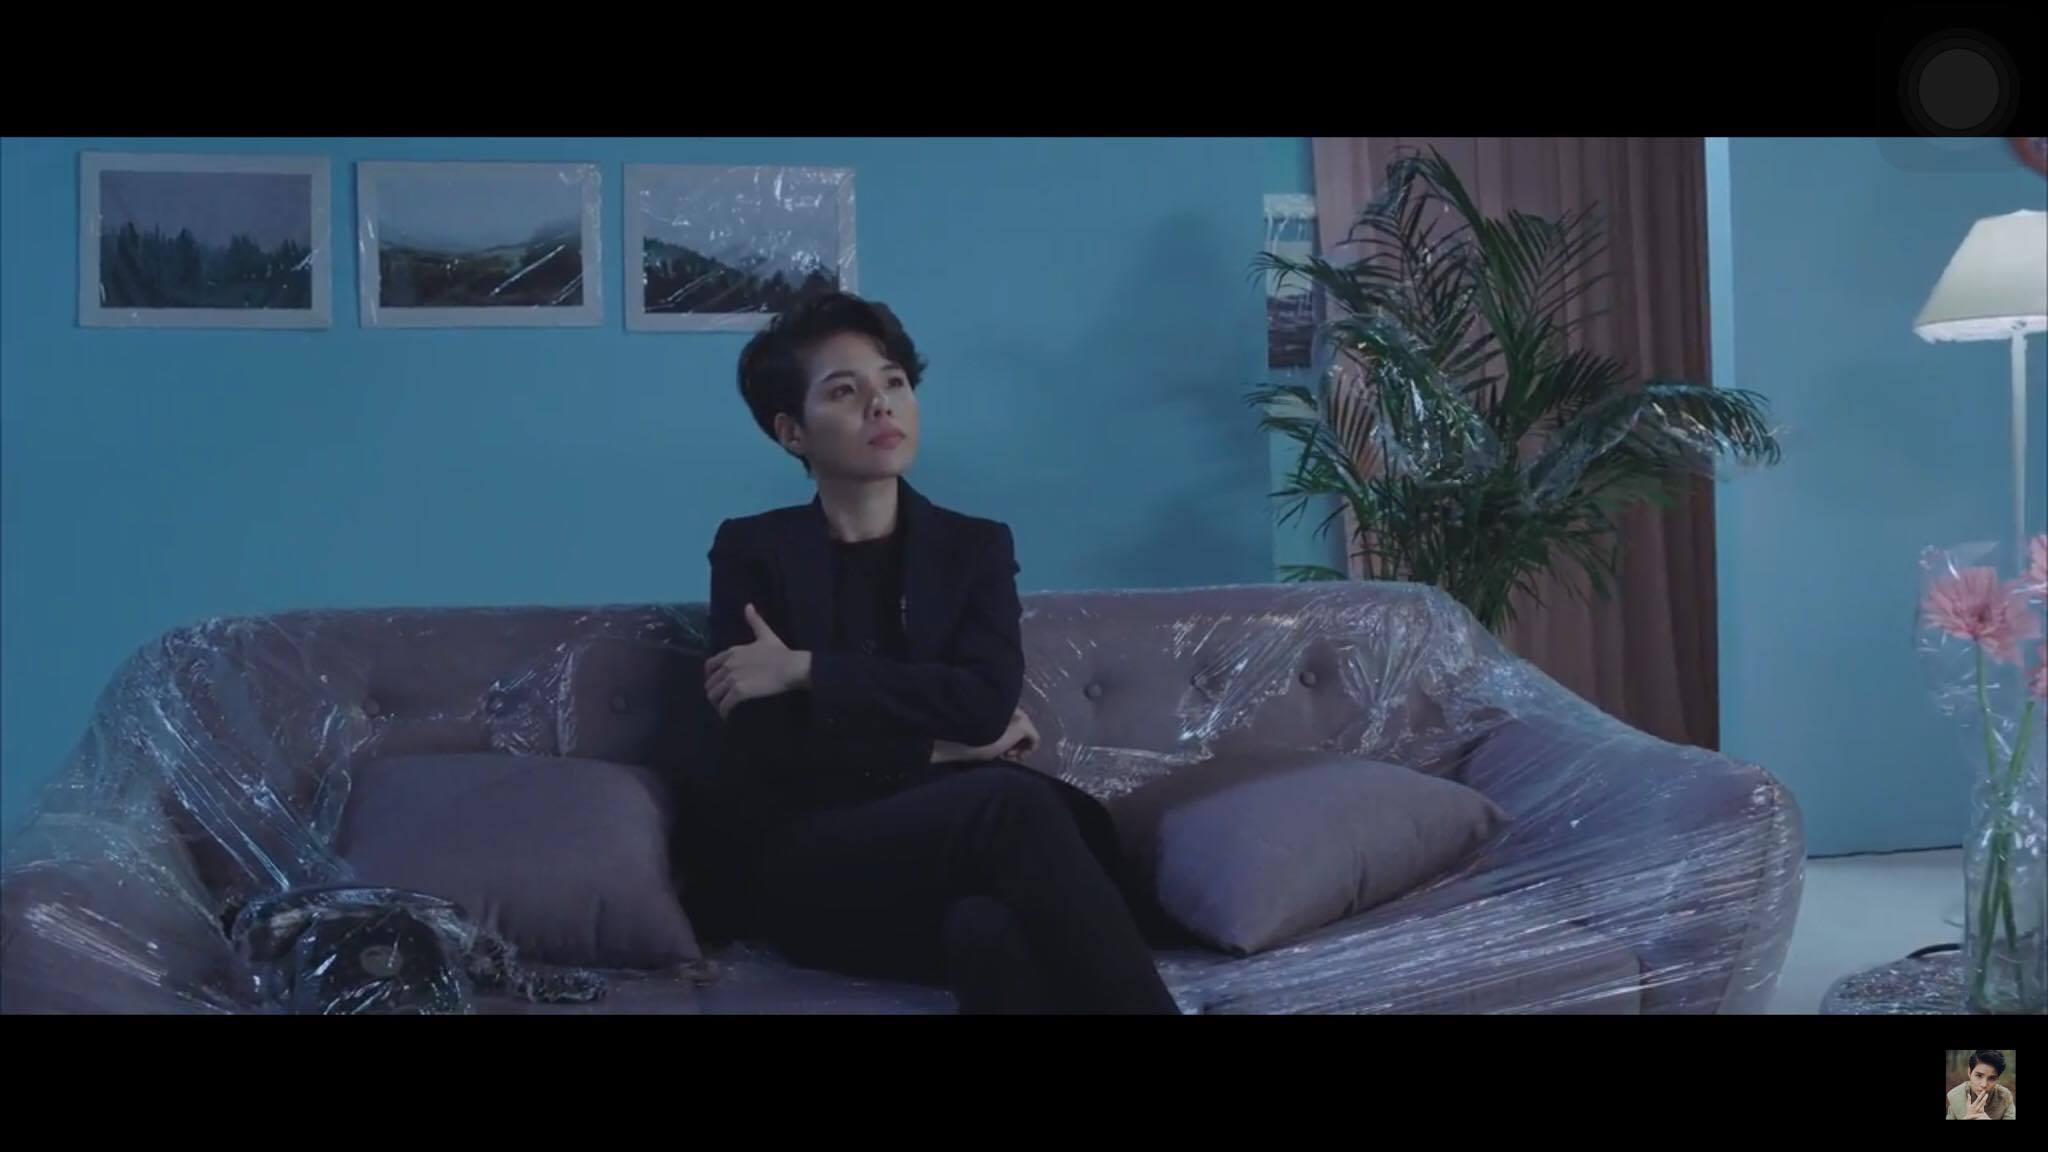 Vũ Cát Tường biến đổi ngoạn mục từ manly sang nữ tính trong MV mới trình làng-3